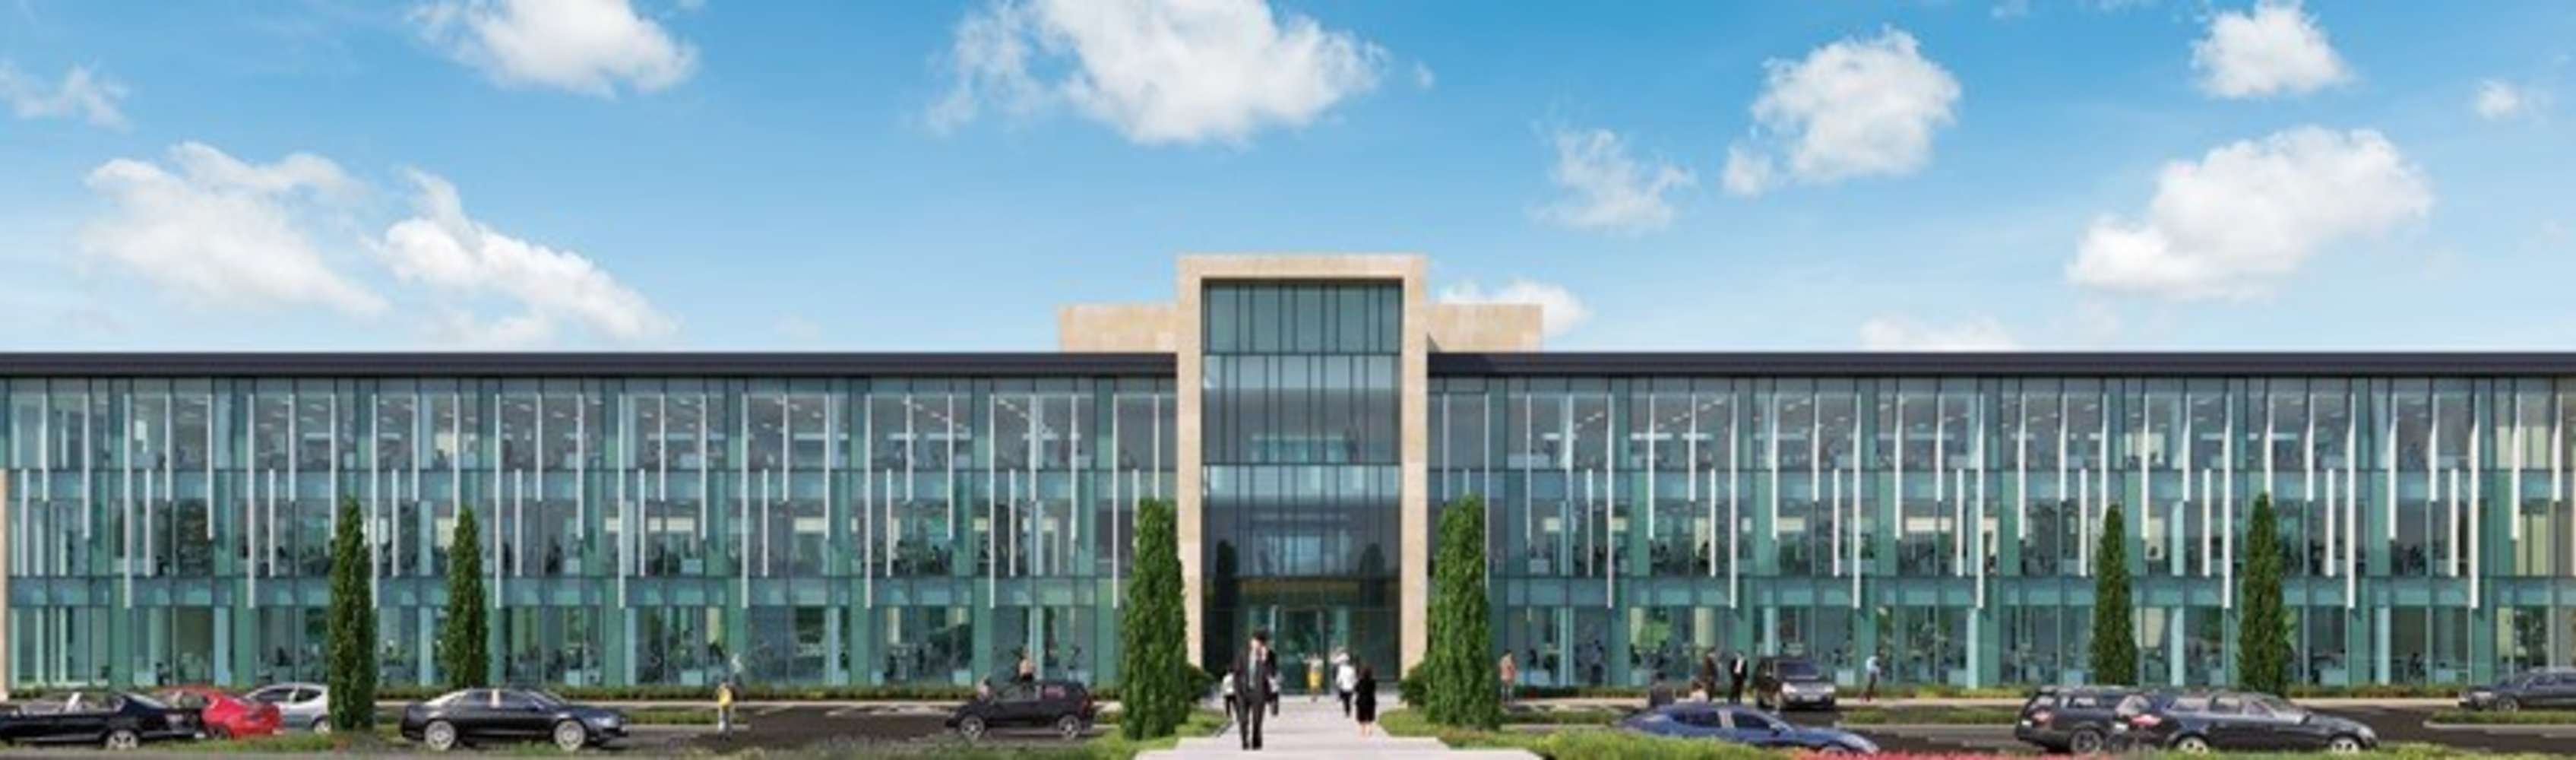 Office Dublin 24, D24 X7FT - 6, 7 & 8 Waterside - 8908782